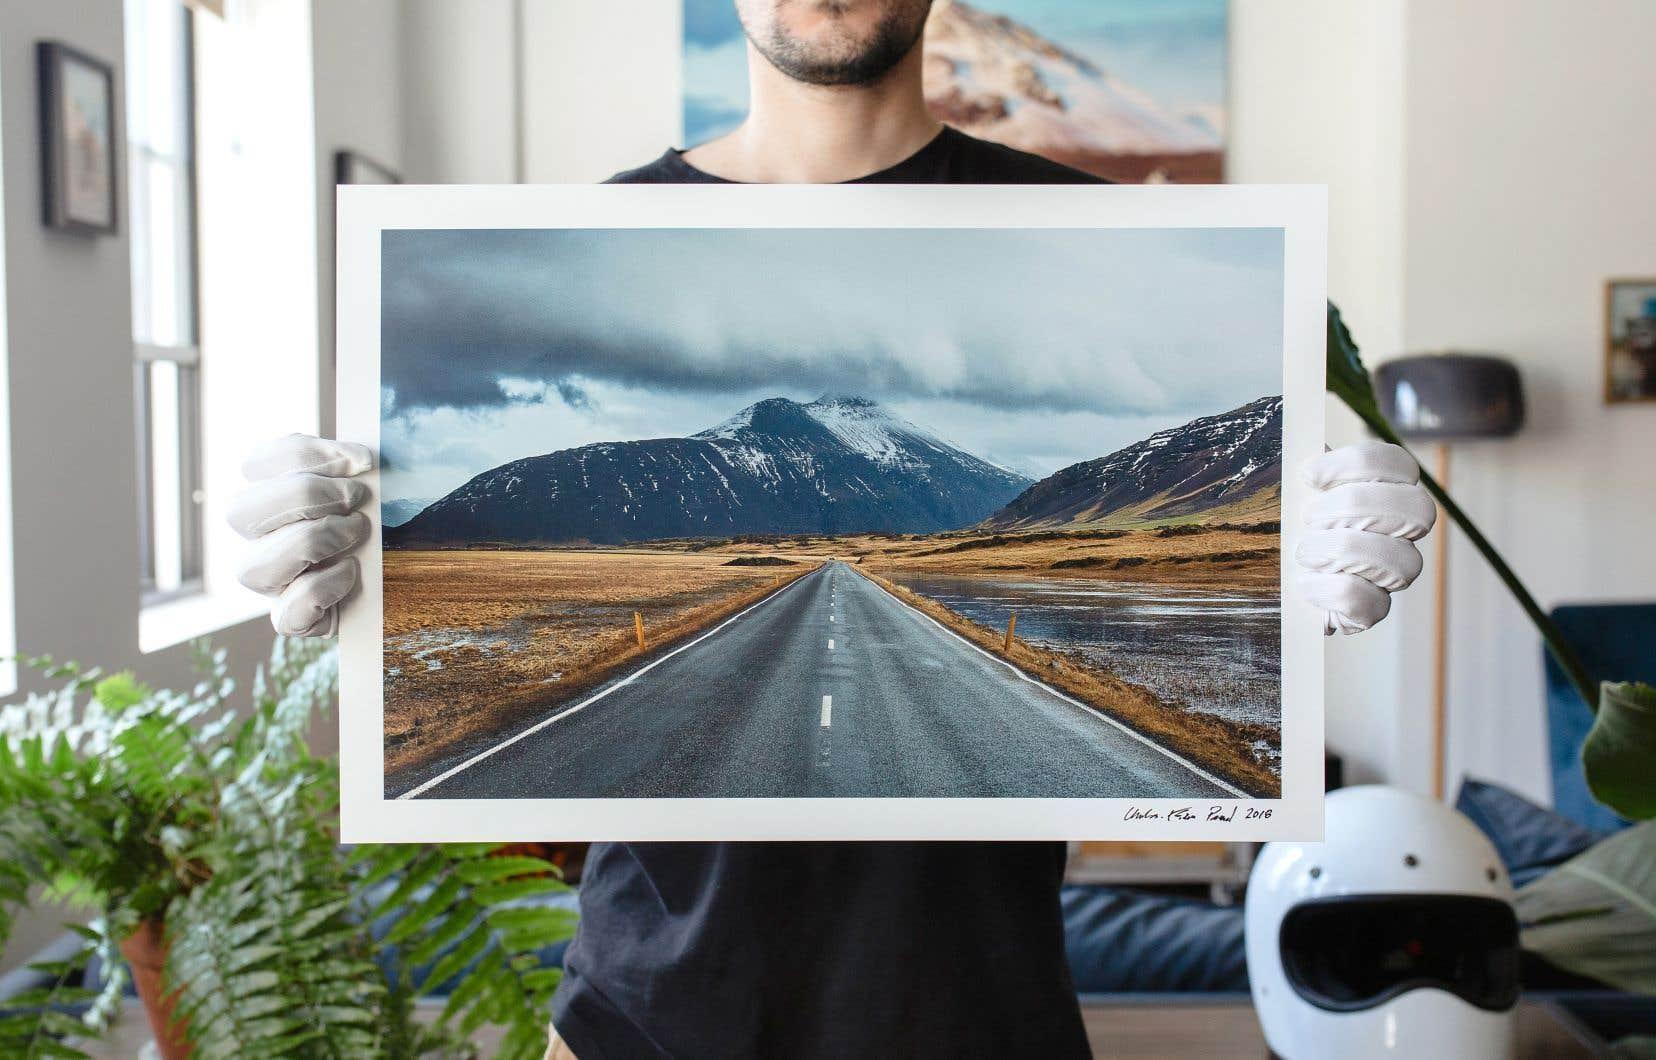 Le coloriste Charles-Étienne Pascal (alias Roadshutter) vend ses magnifiques images qu'il imprime sur du papier muséal.